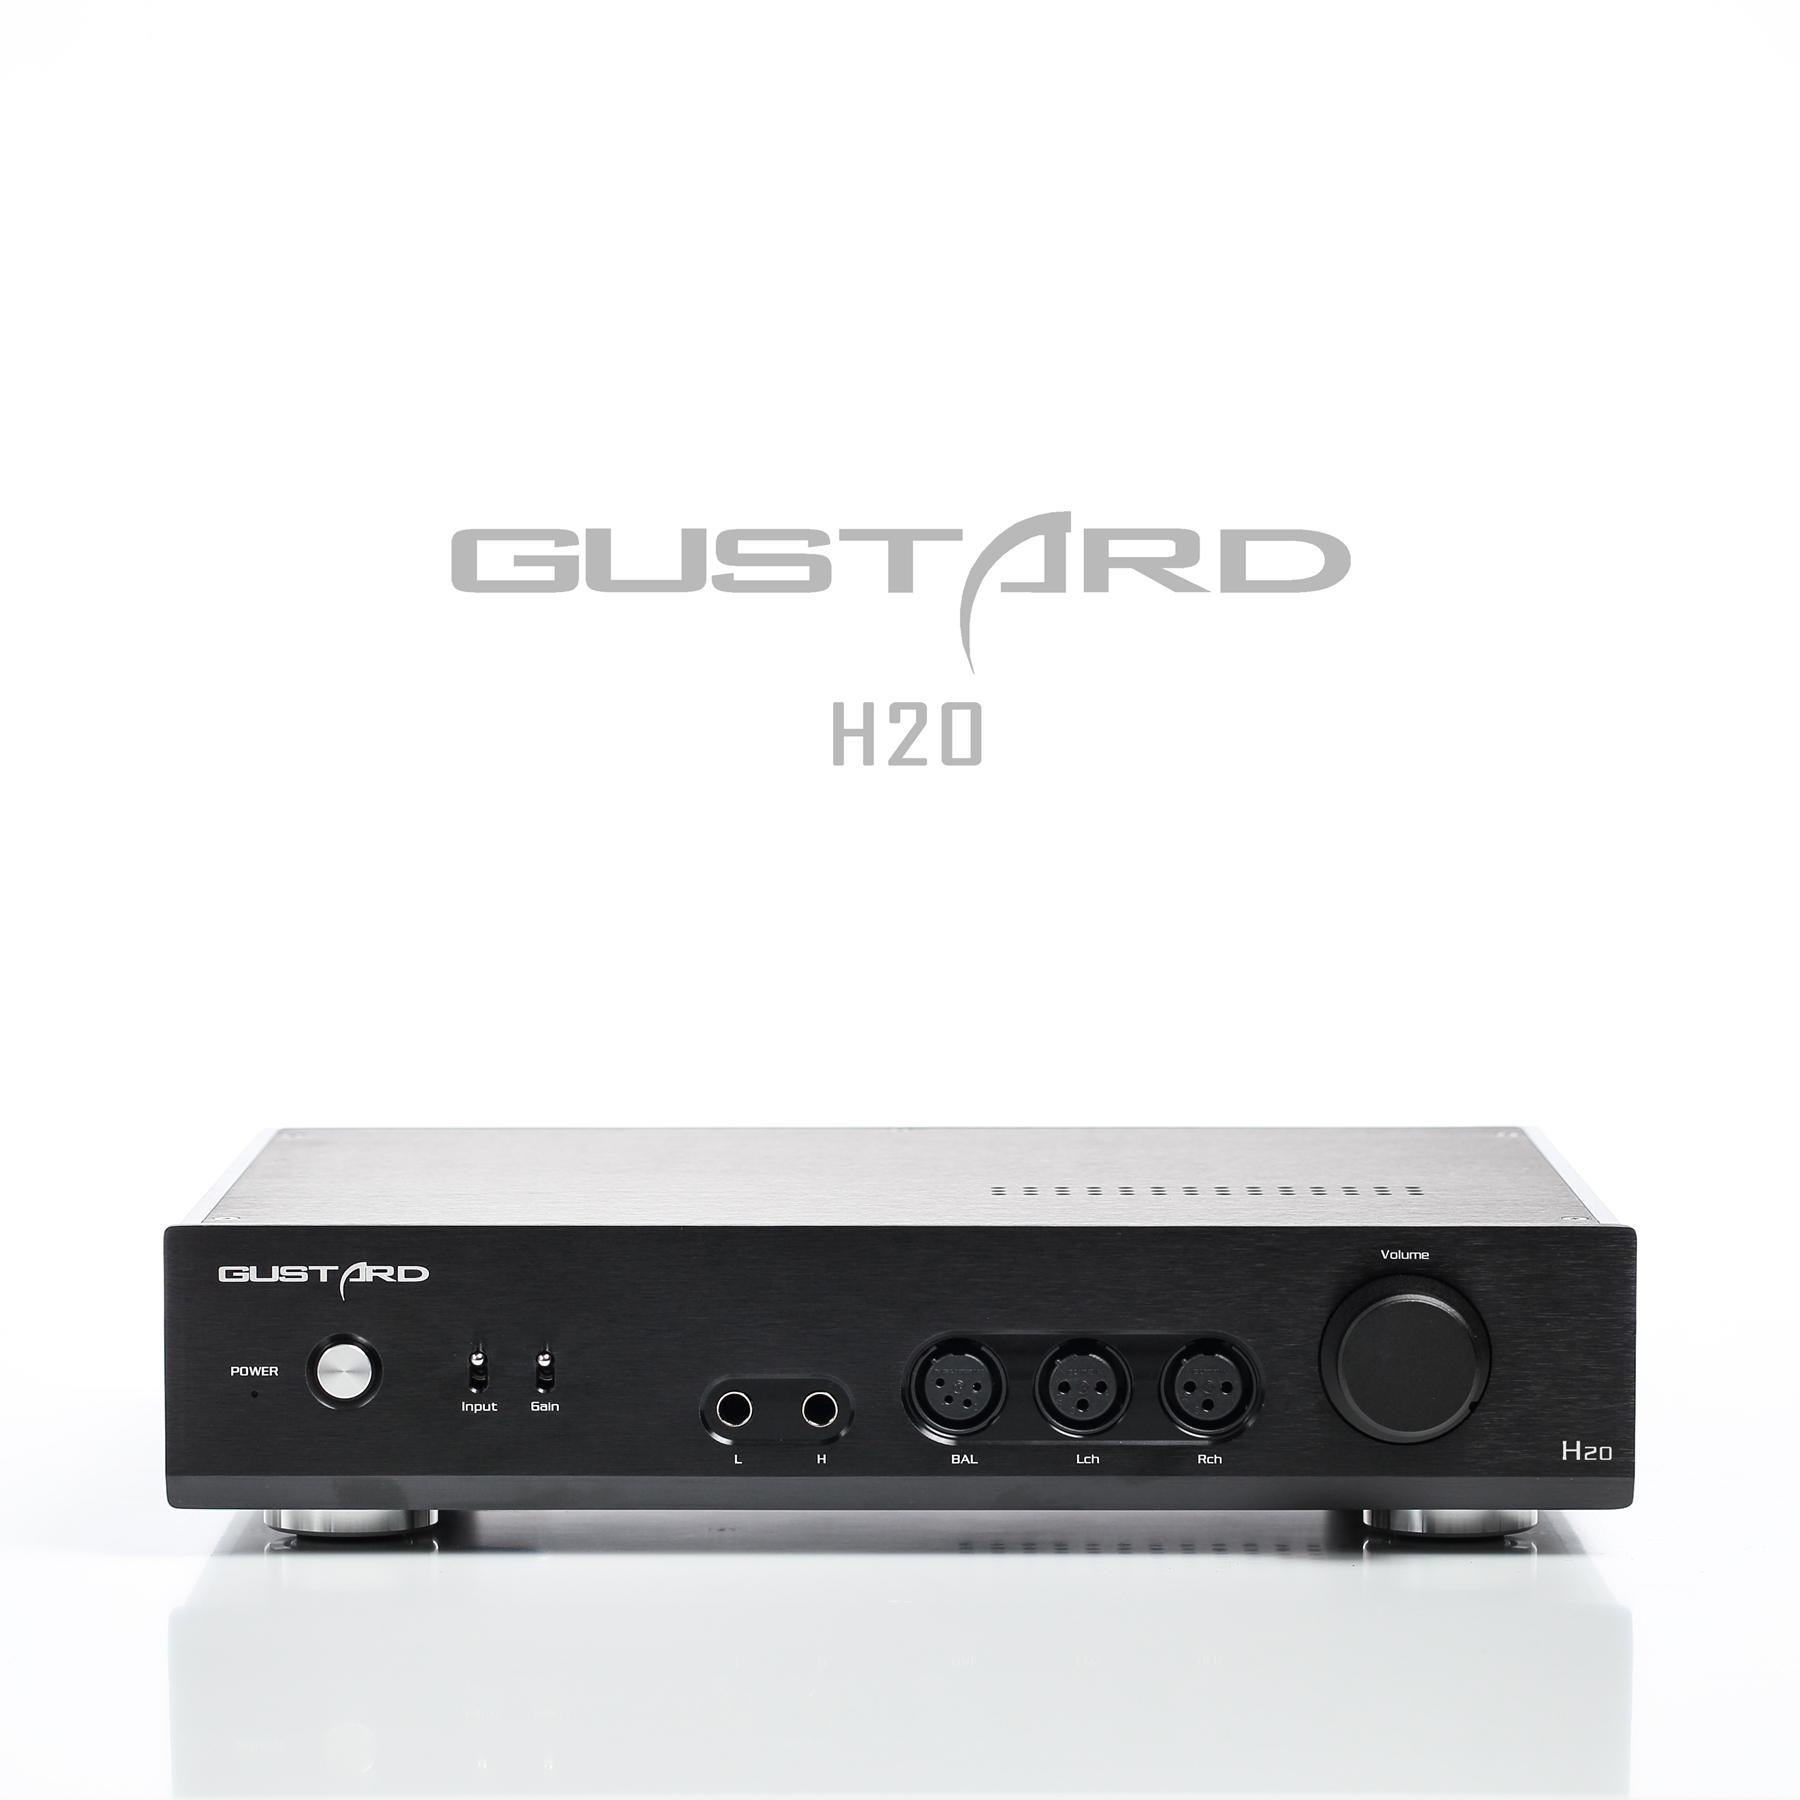 Usd 139696 Gao Shi De Gustard H20 Pre Class Ear Full Balance Headphone A Amplifier